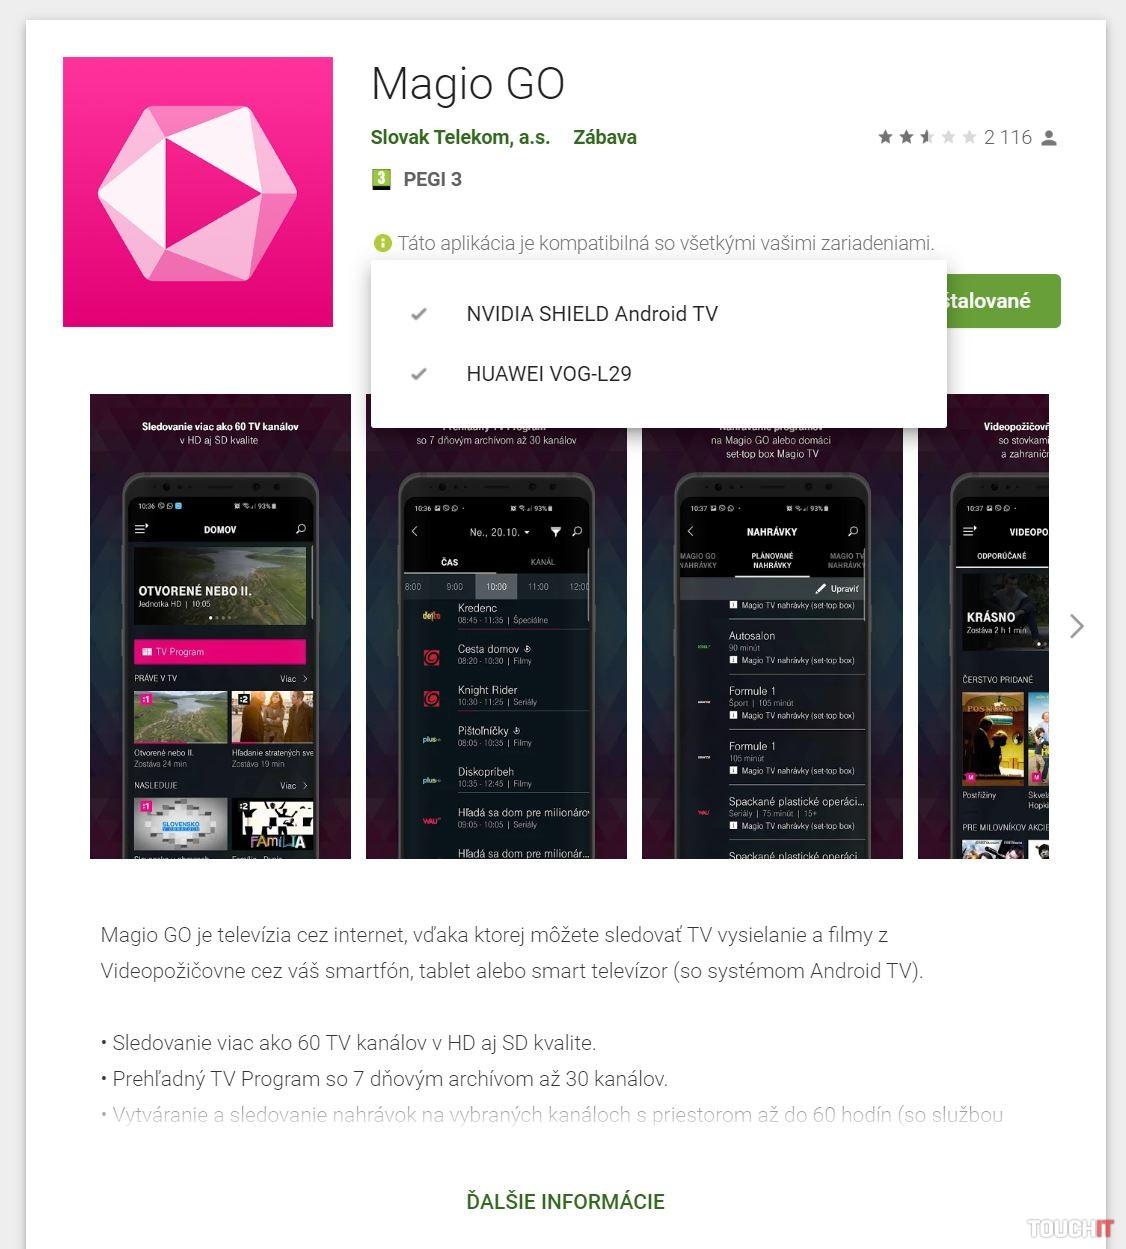 Magio GO pre Android TV